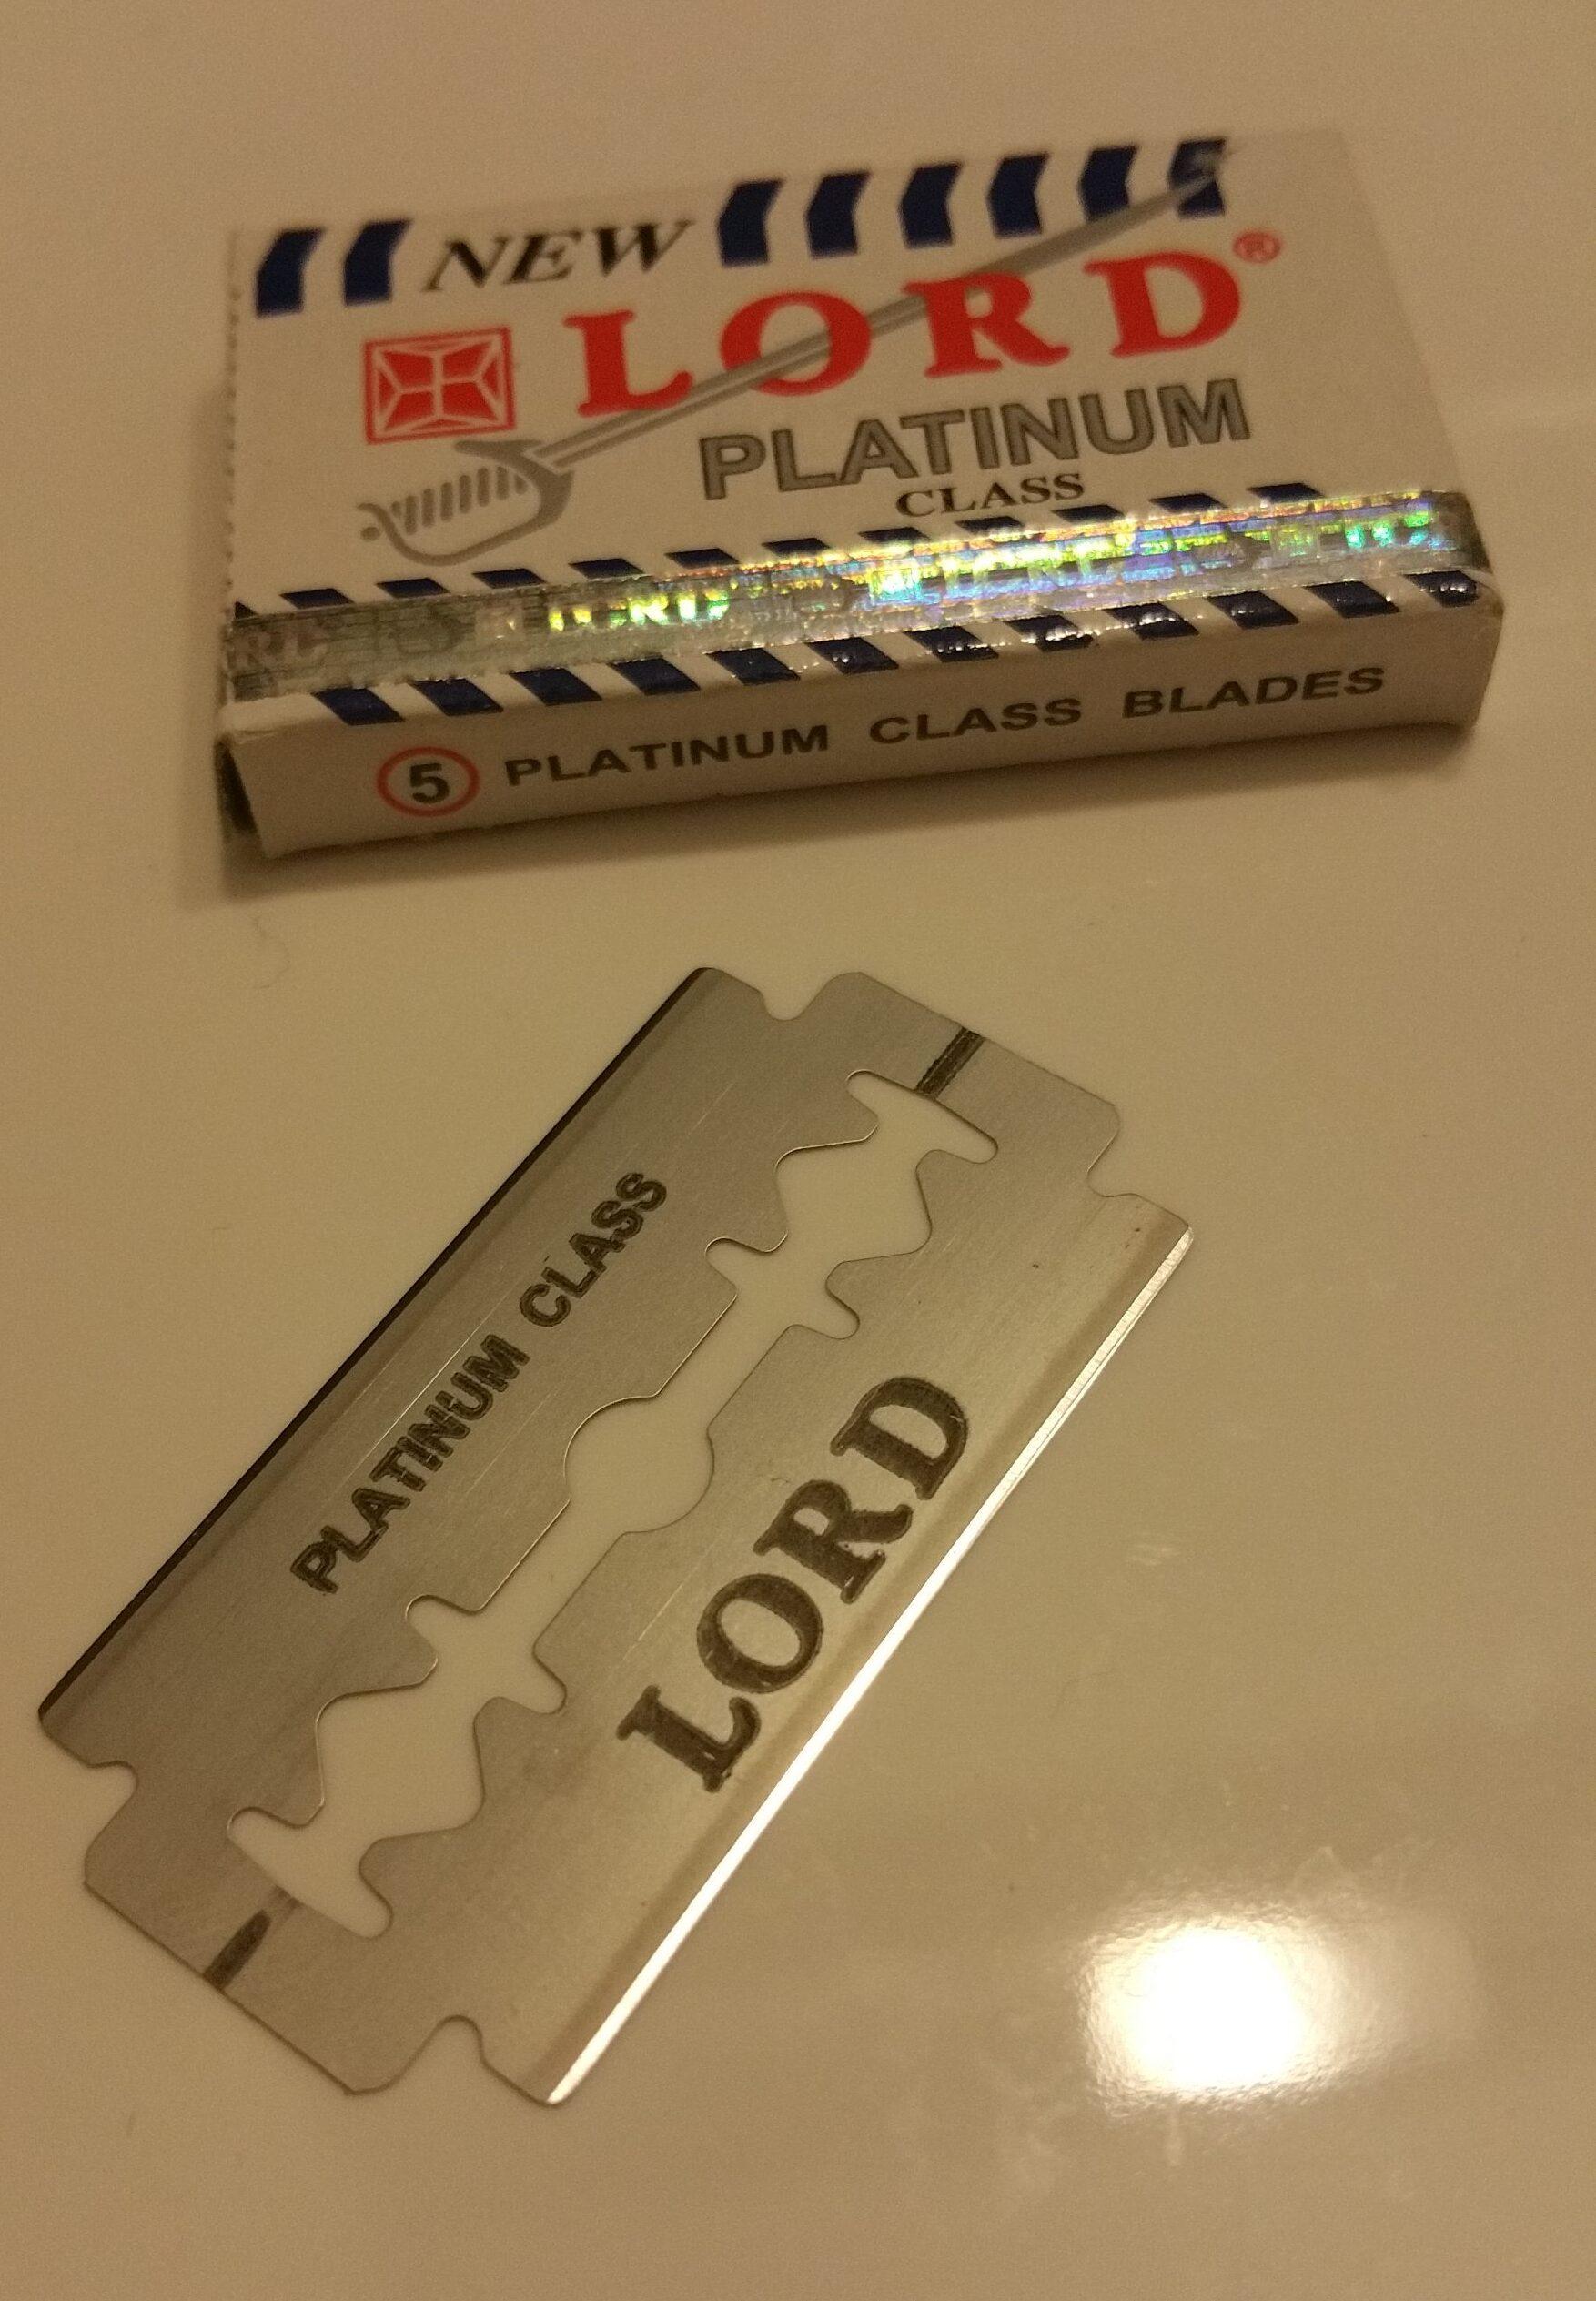 LORD Platinum Razor Blade